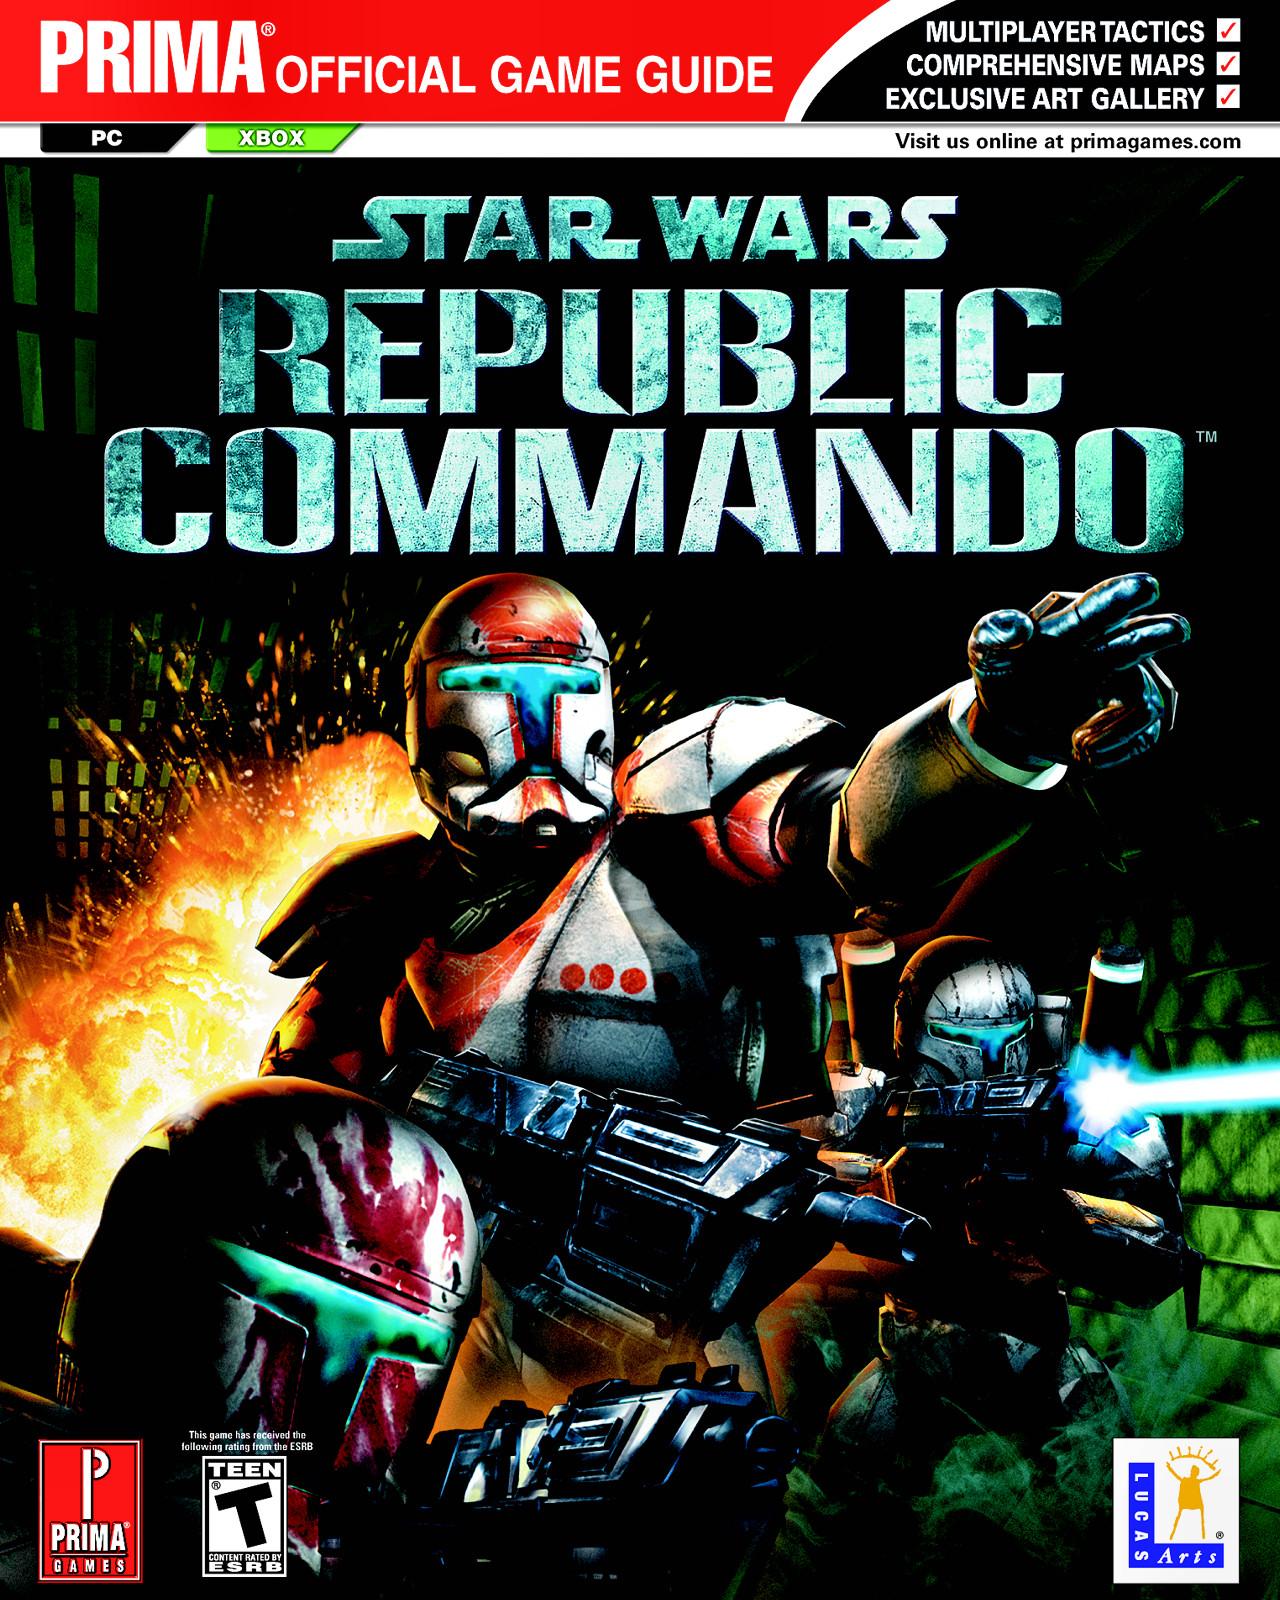 Star Wars: Republic Commando: Официальное игровое руководство Prima